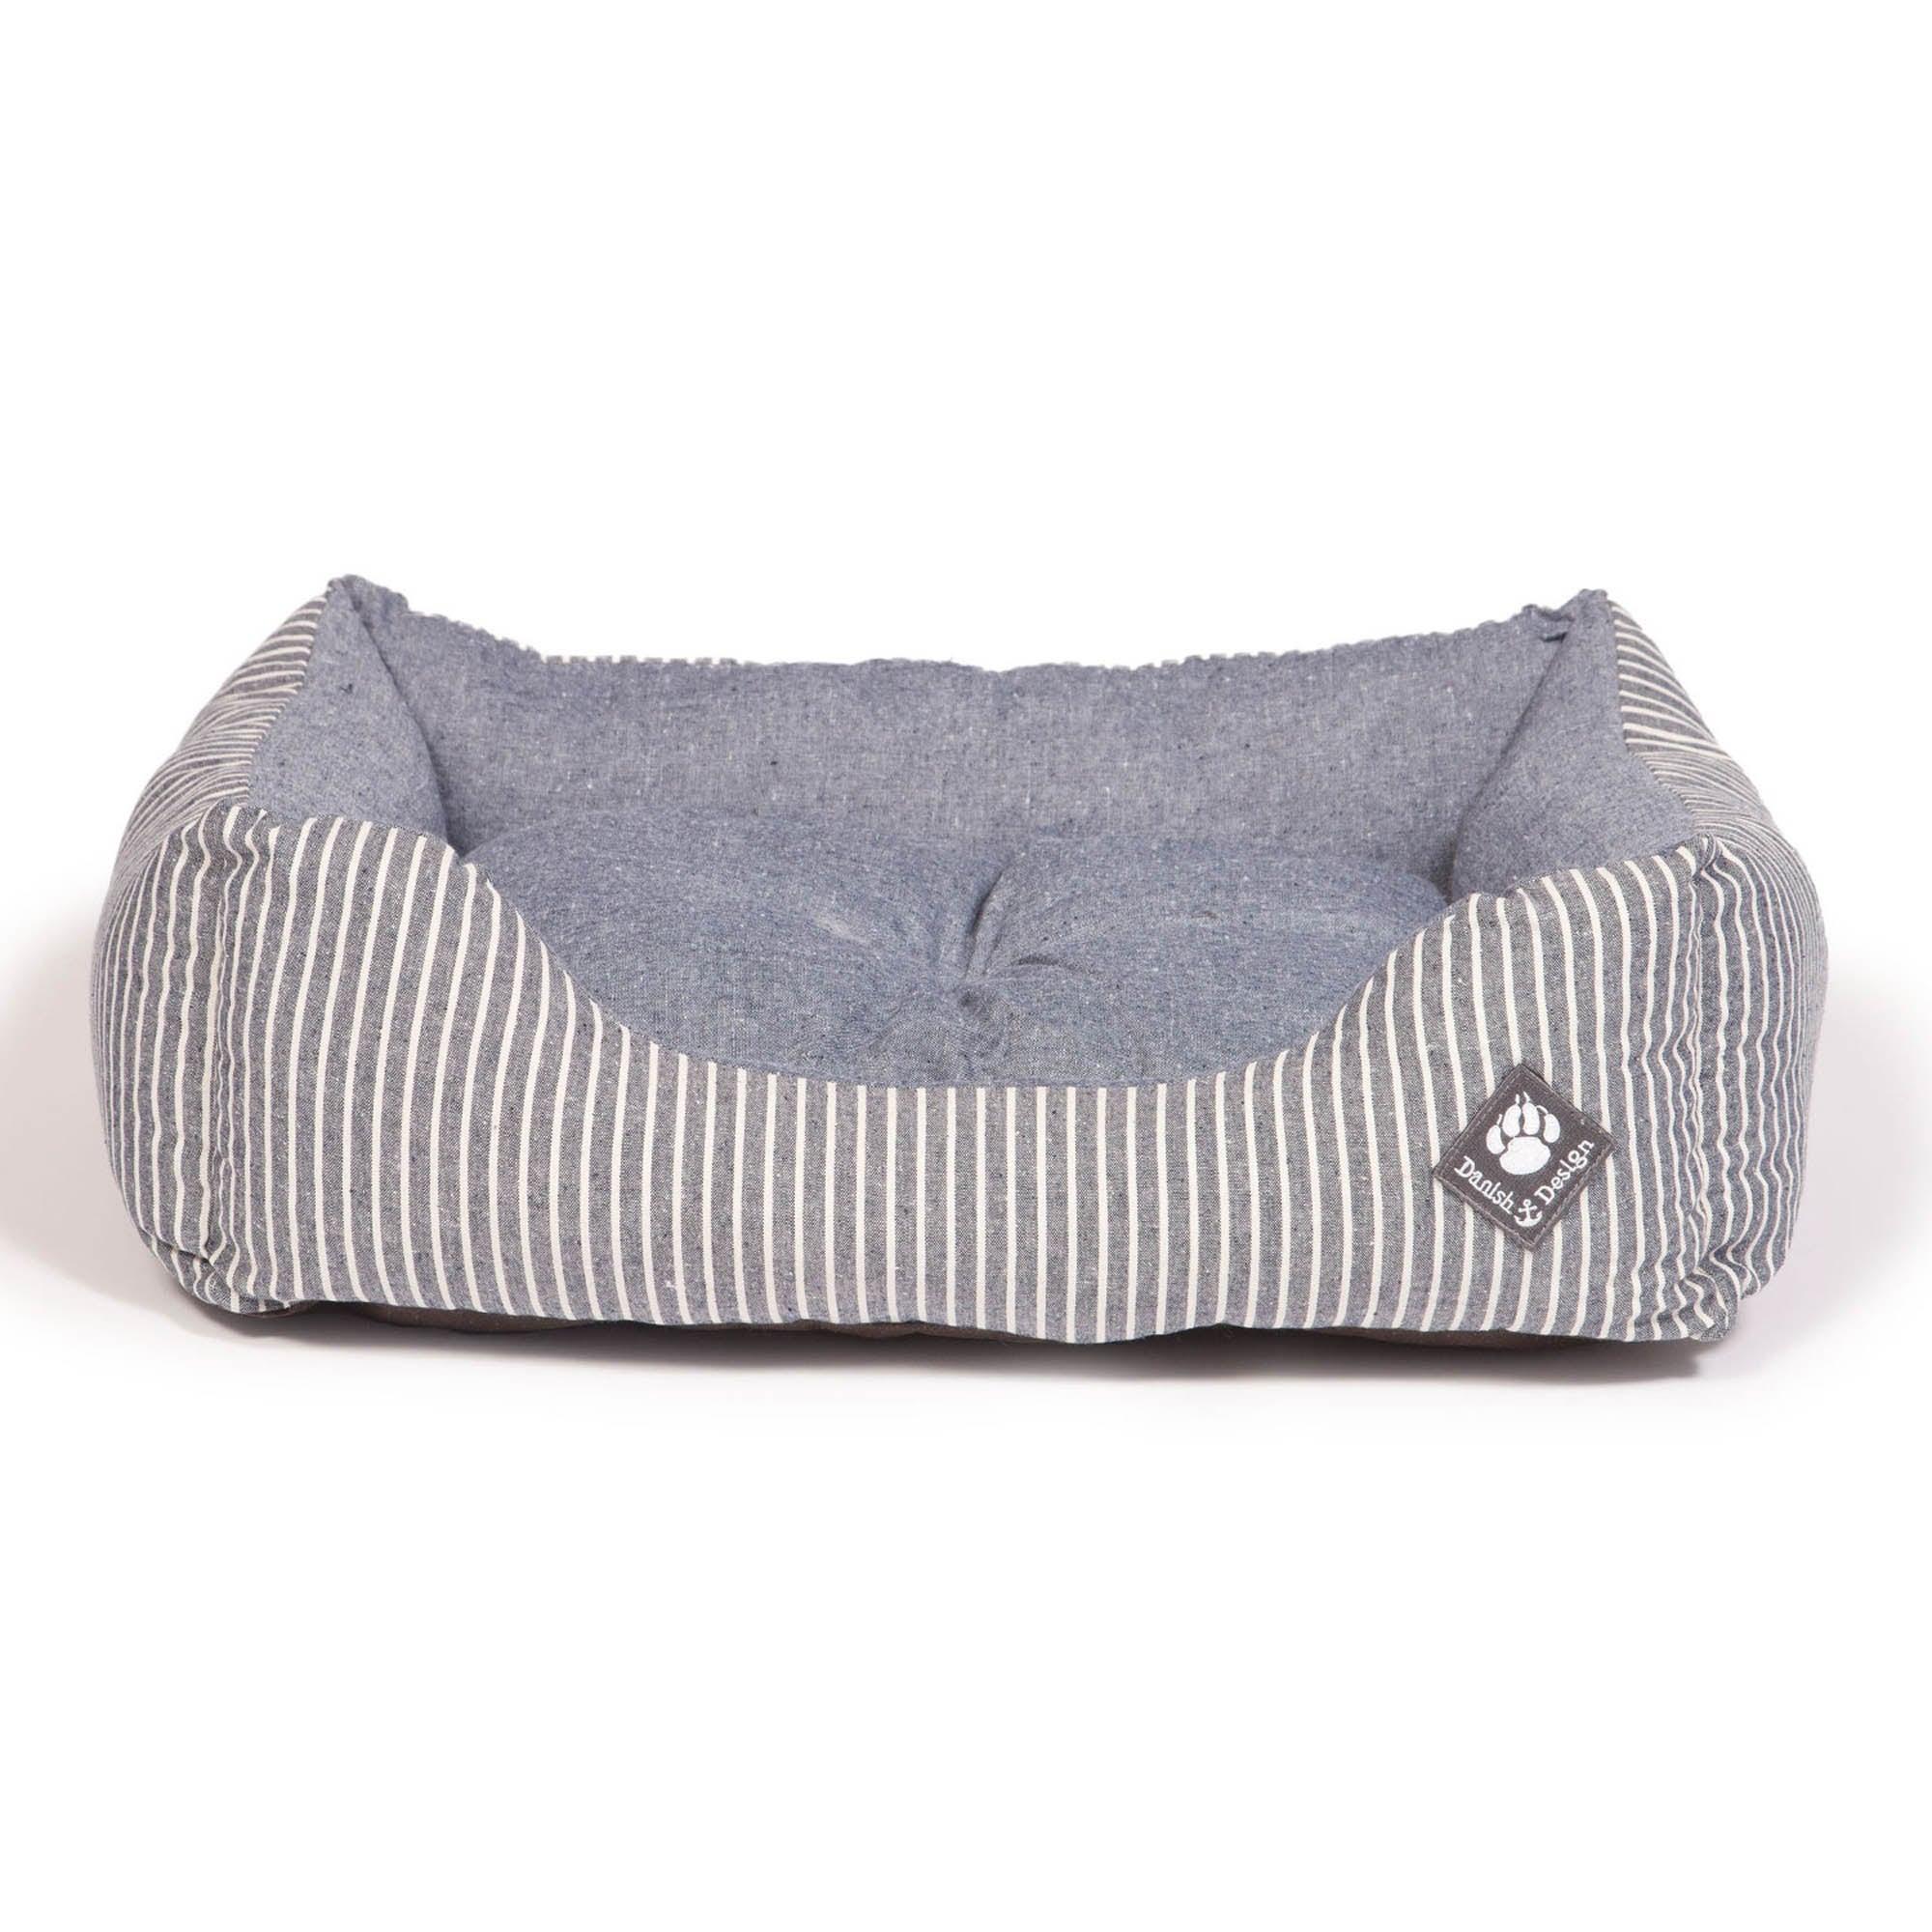 Blue Maritime Snuggle Dog Bed Mist (Blue)